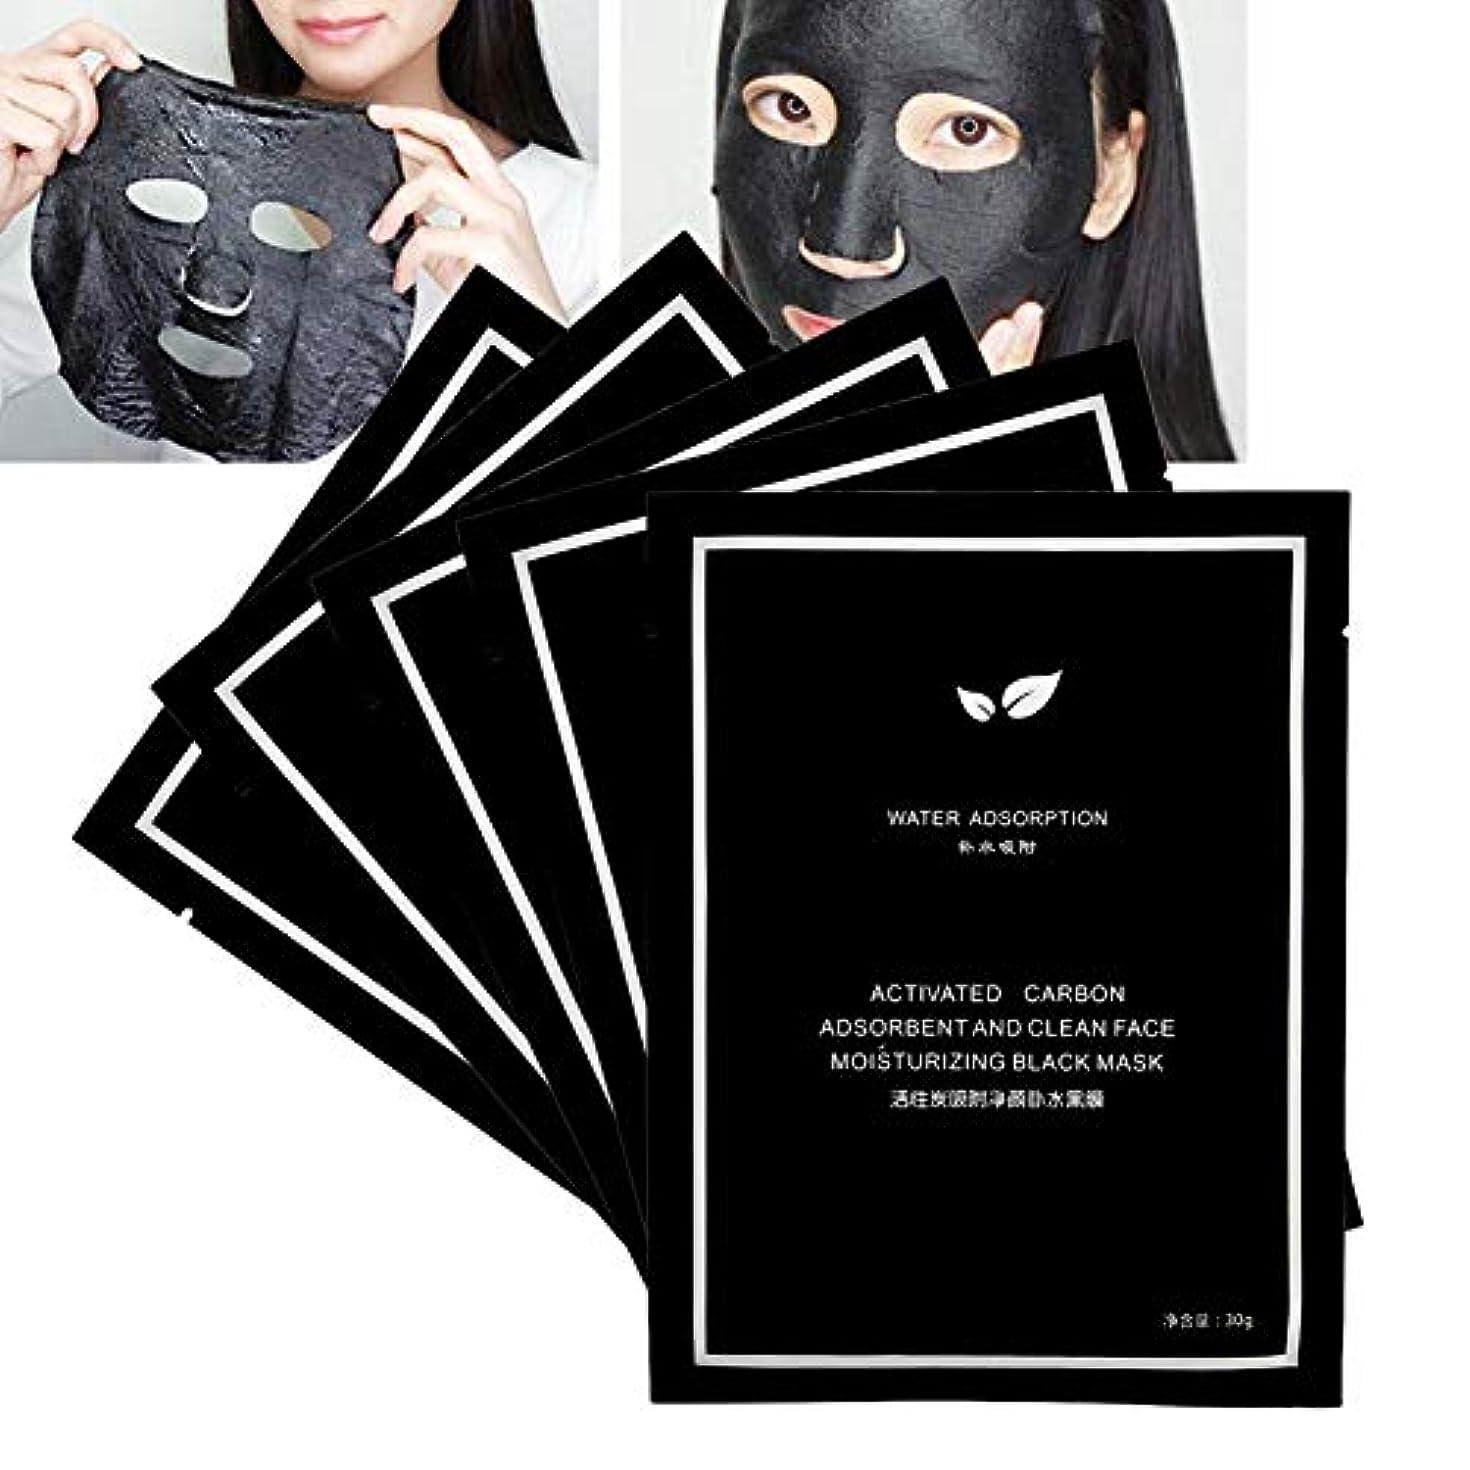 掘る値顔料5枚セット 活性炭マスク 保湿 フェイスブラックマスク オイルコントロールブラックヘッドの除去汚れ除去スキンケア